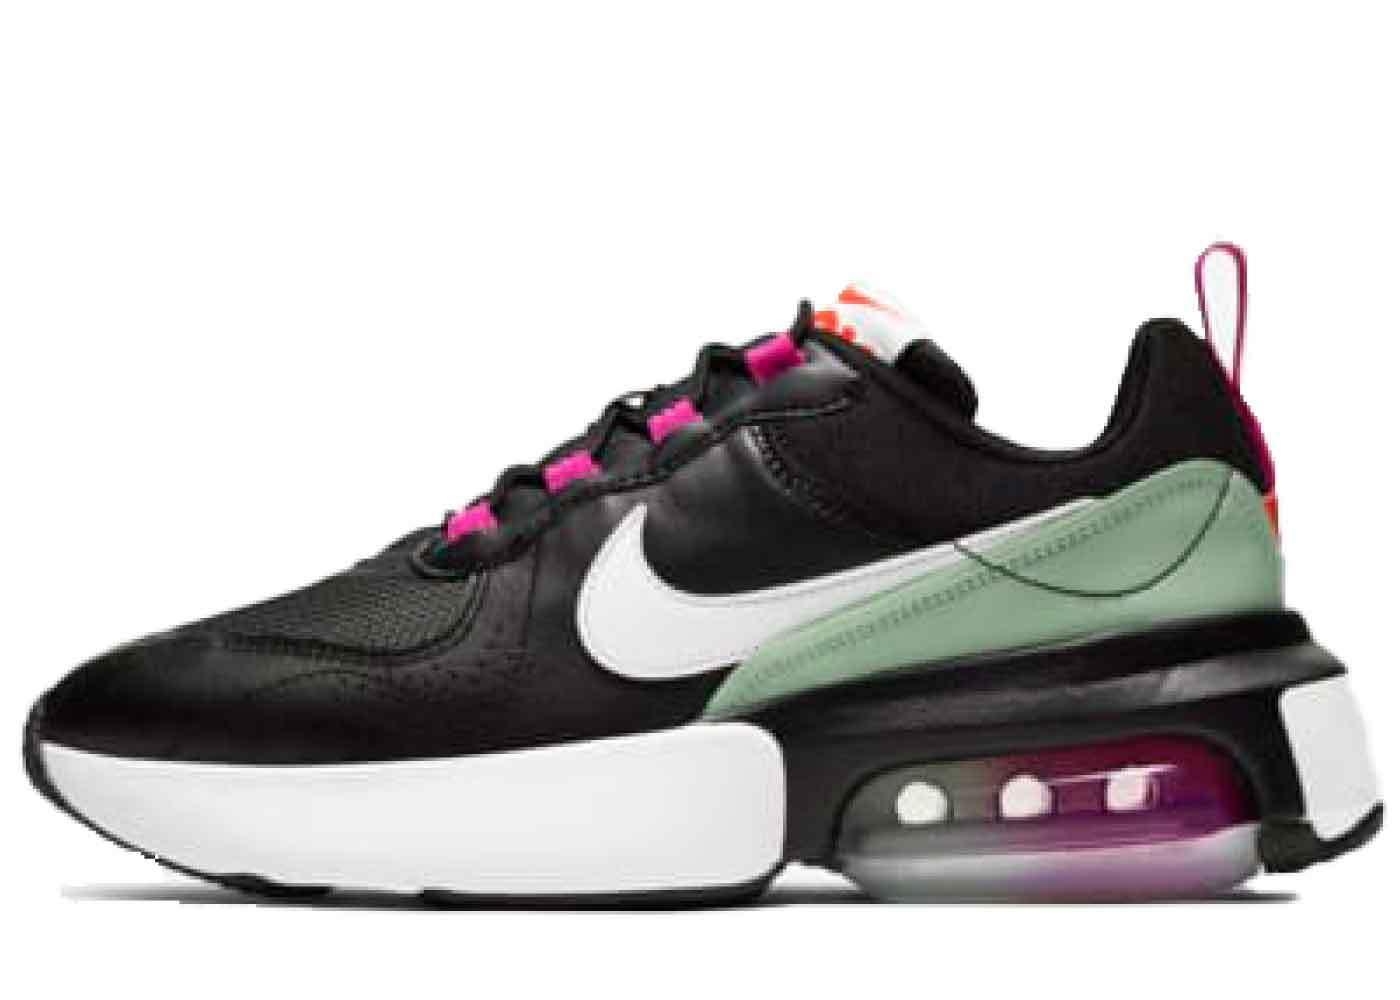 Nike Air Max Verona Fire Pink Womensの写真